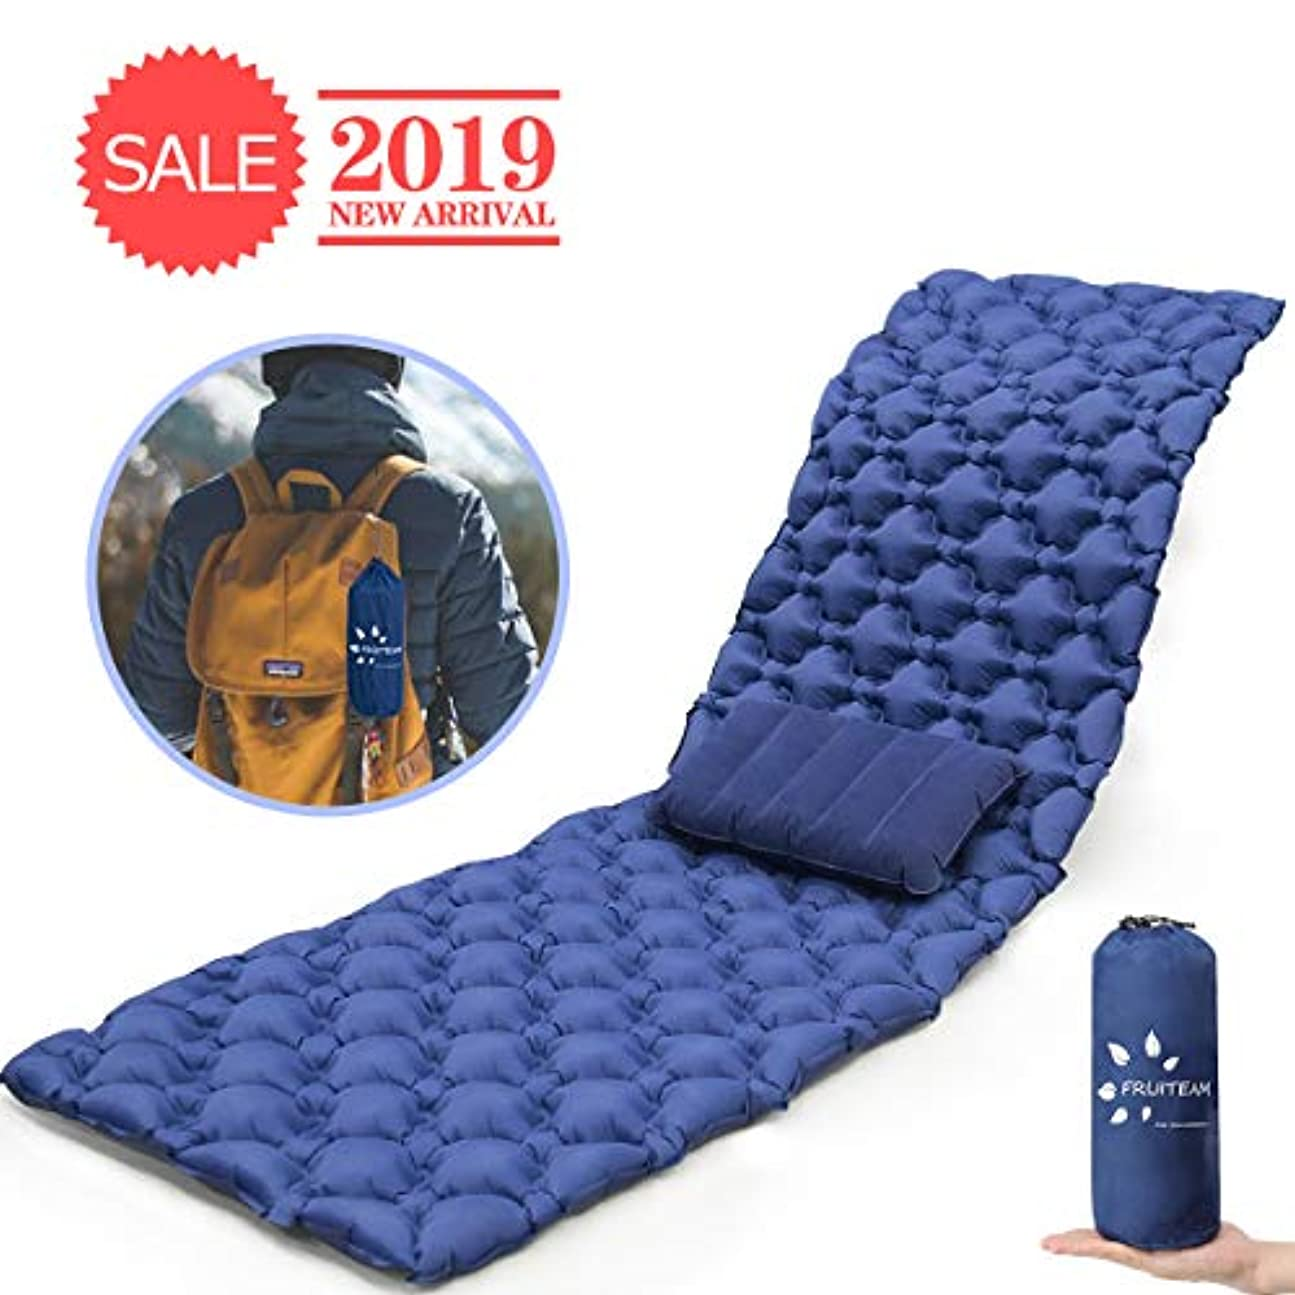 一口解明癌FRUITEAM バックパック キャンプ用スリーピングパッド 旅行用枕付き 超軽量スリーピングバッグパッド 軽量 膨らませ可能 コンパクト 耐久性 TPU 膨張式スリーピングパッド エアマットレス